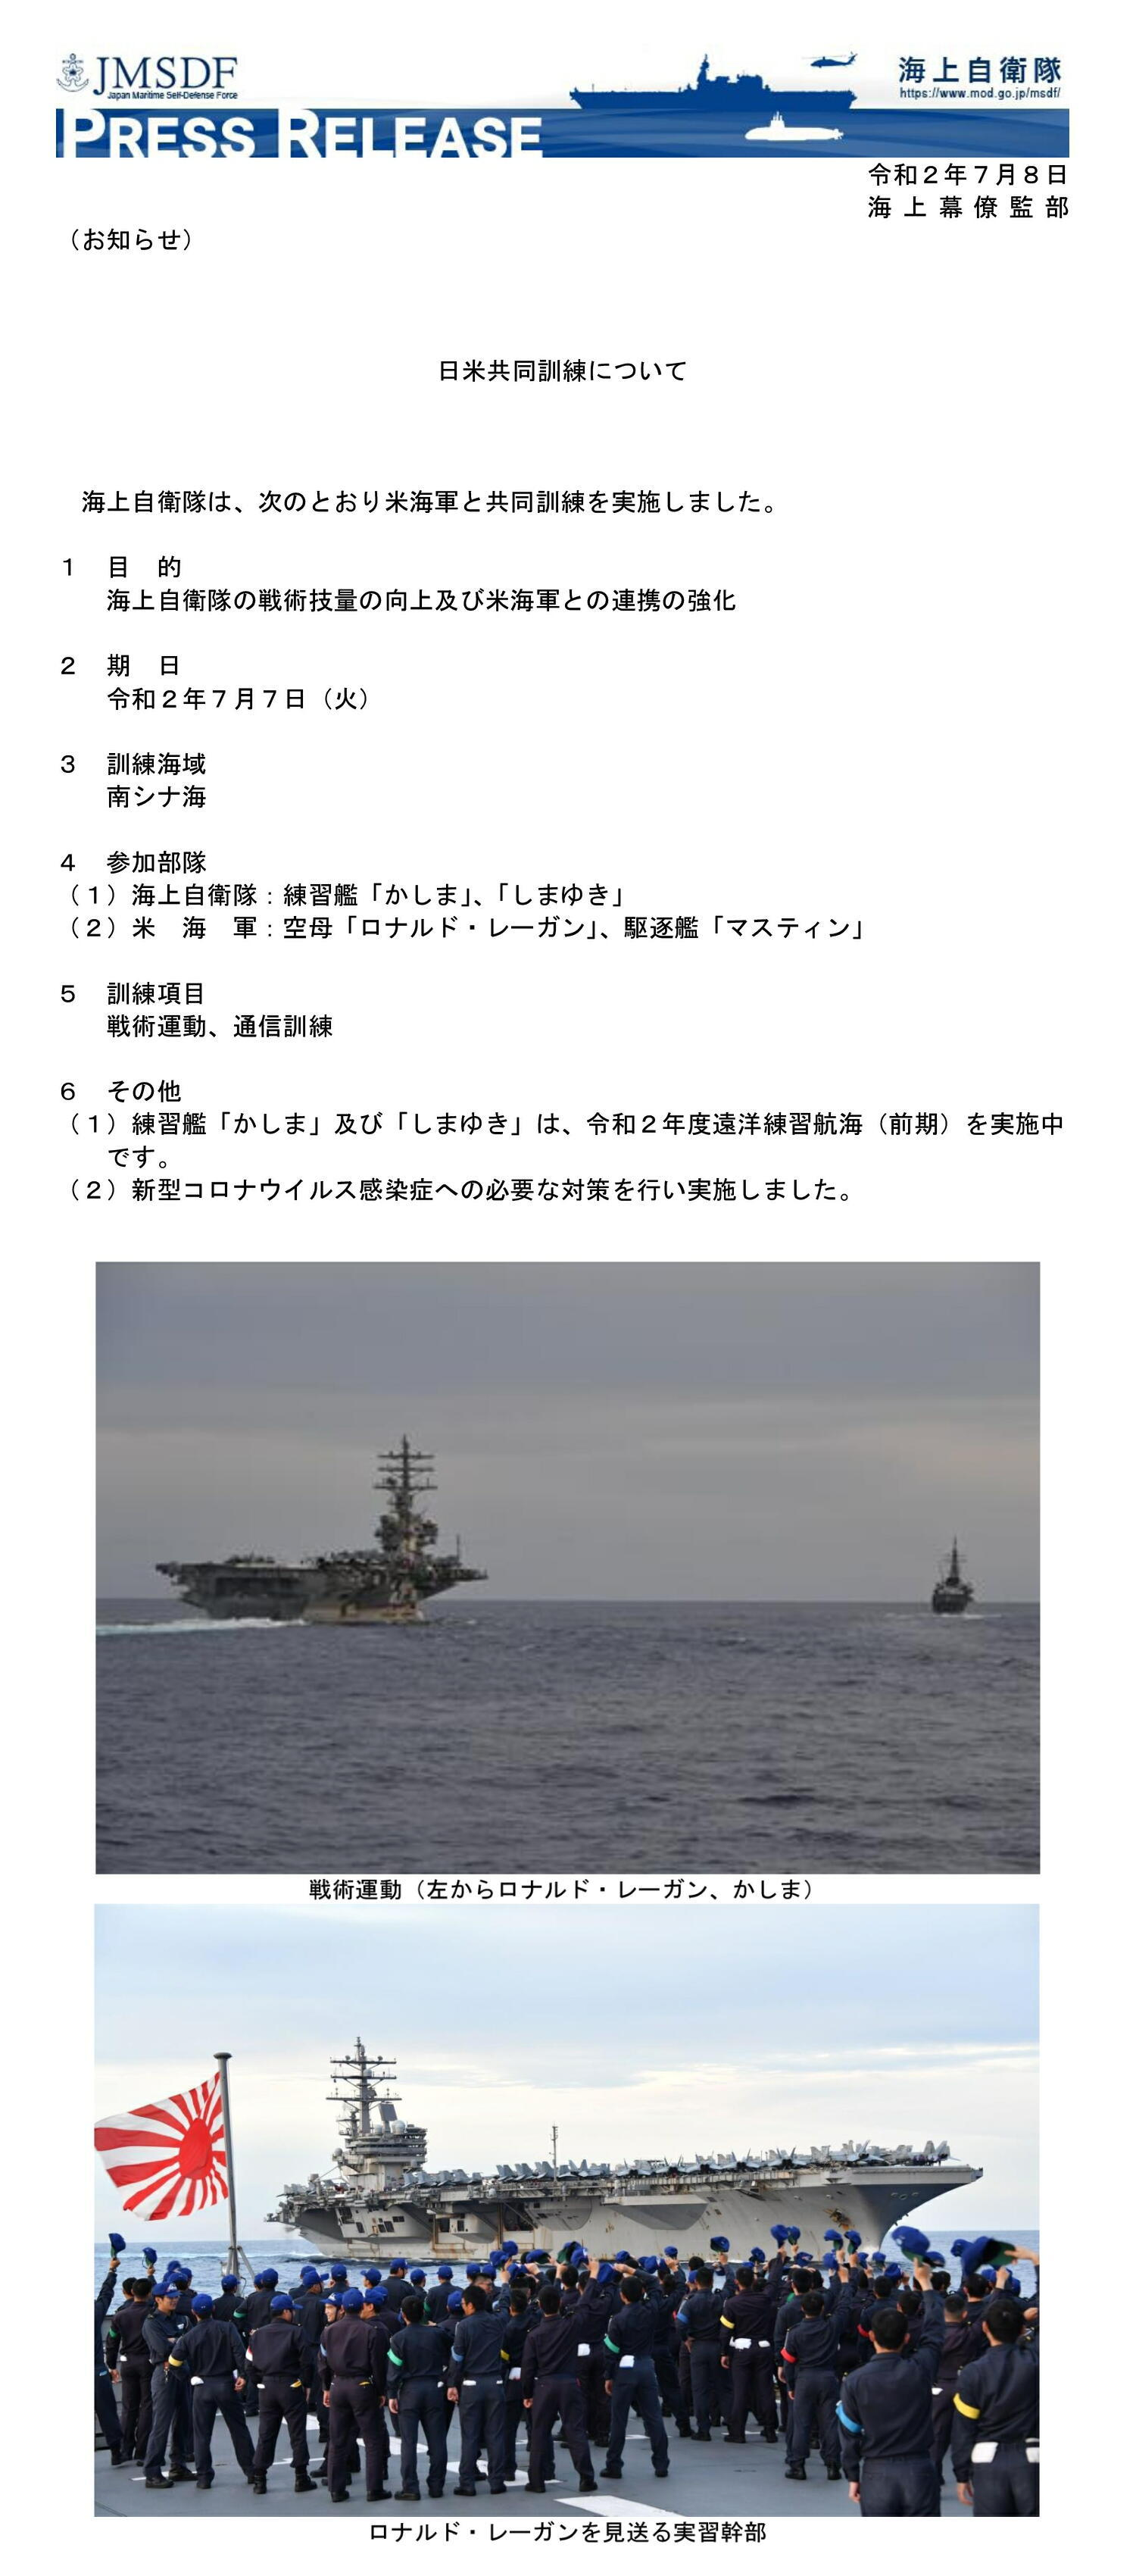 海自プレスリリース2020 0708 日米共同訓練